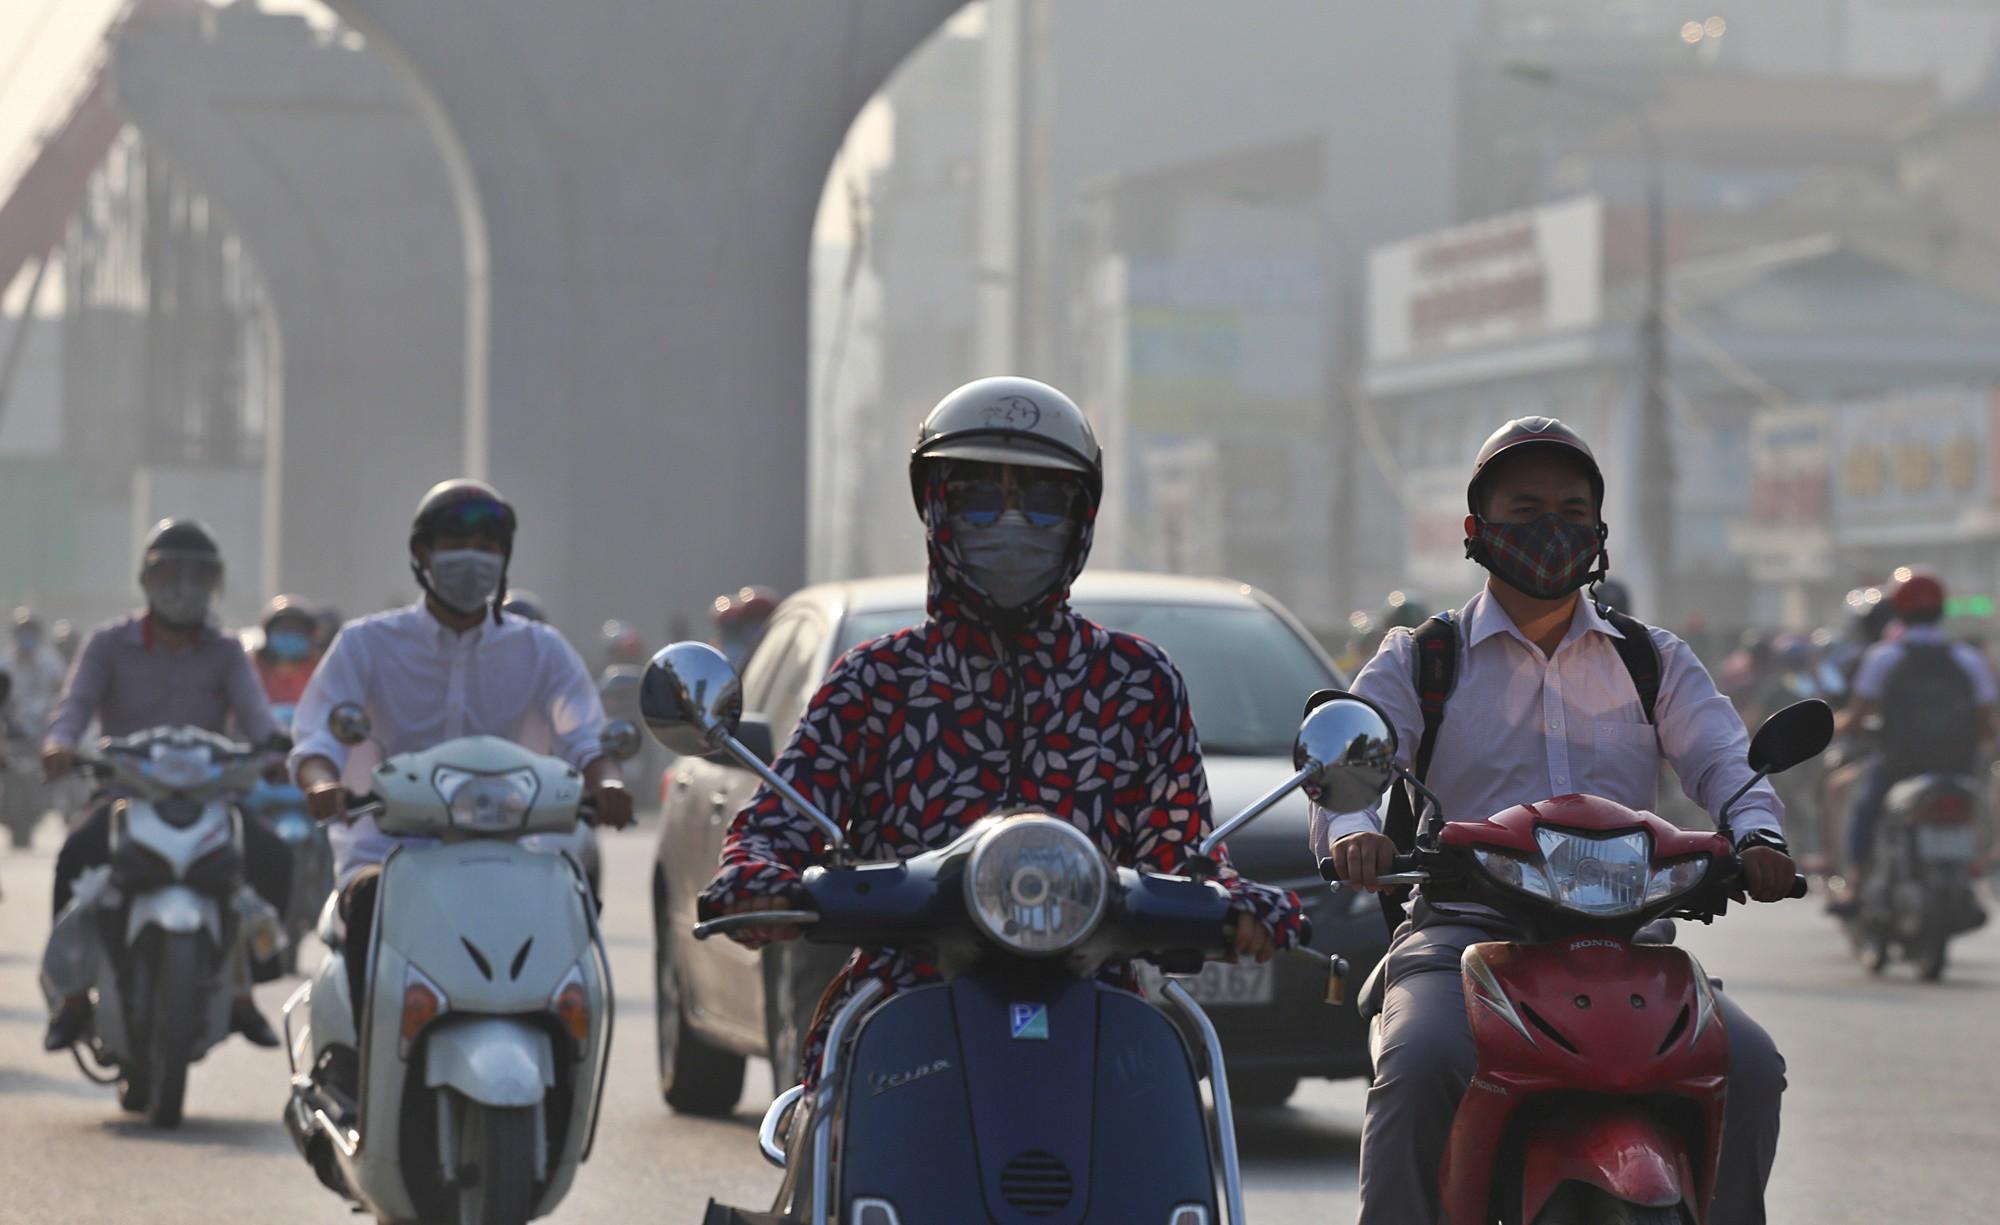 Phòng chống và cảnh báo ô nhiễm không khí, giải pháp giảm tác hại do ô nhiễm không khí ở Hà Nội (1/10/2019)